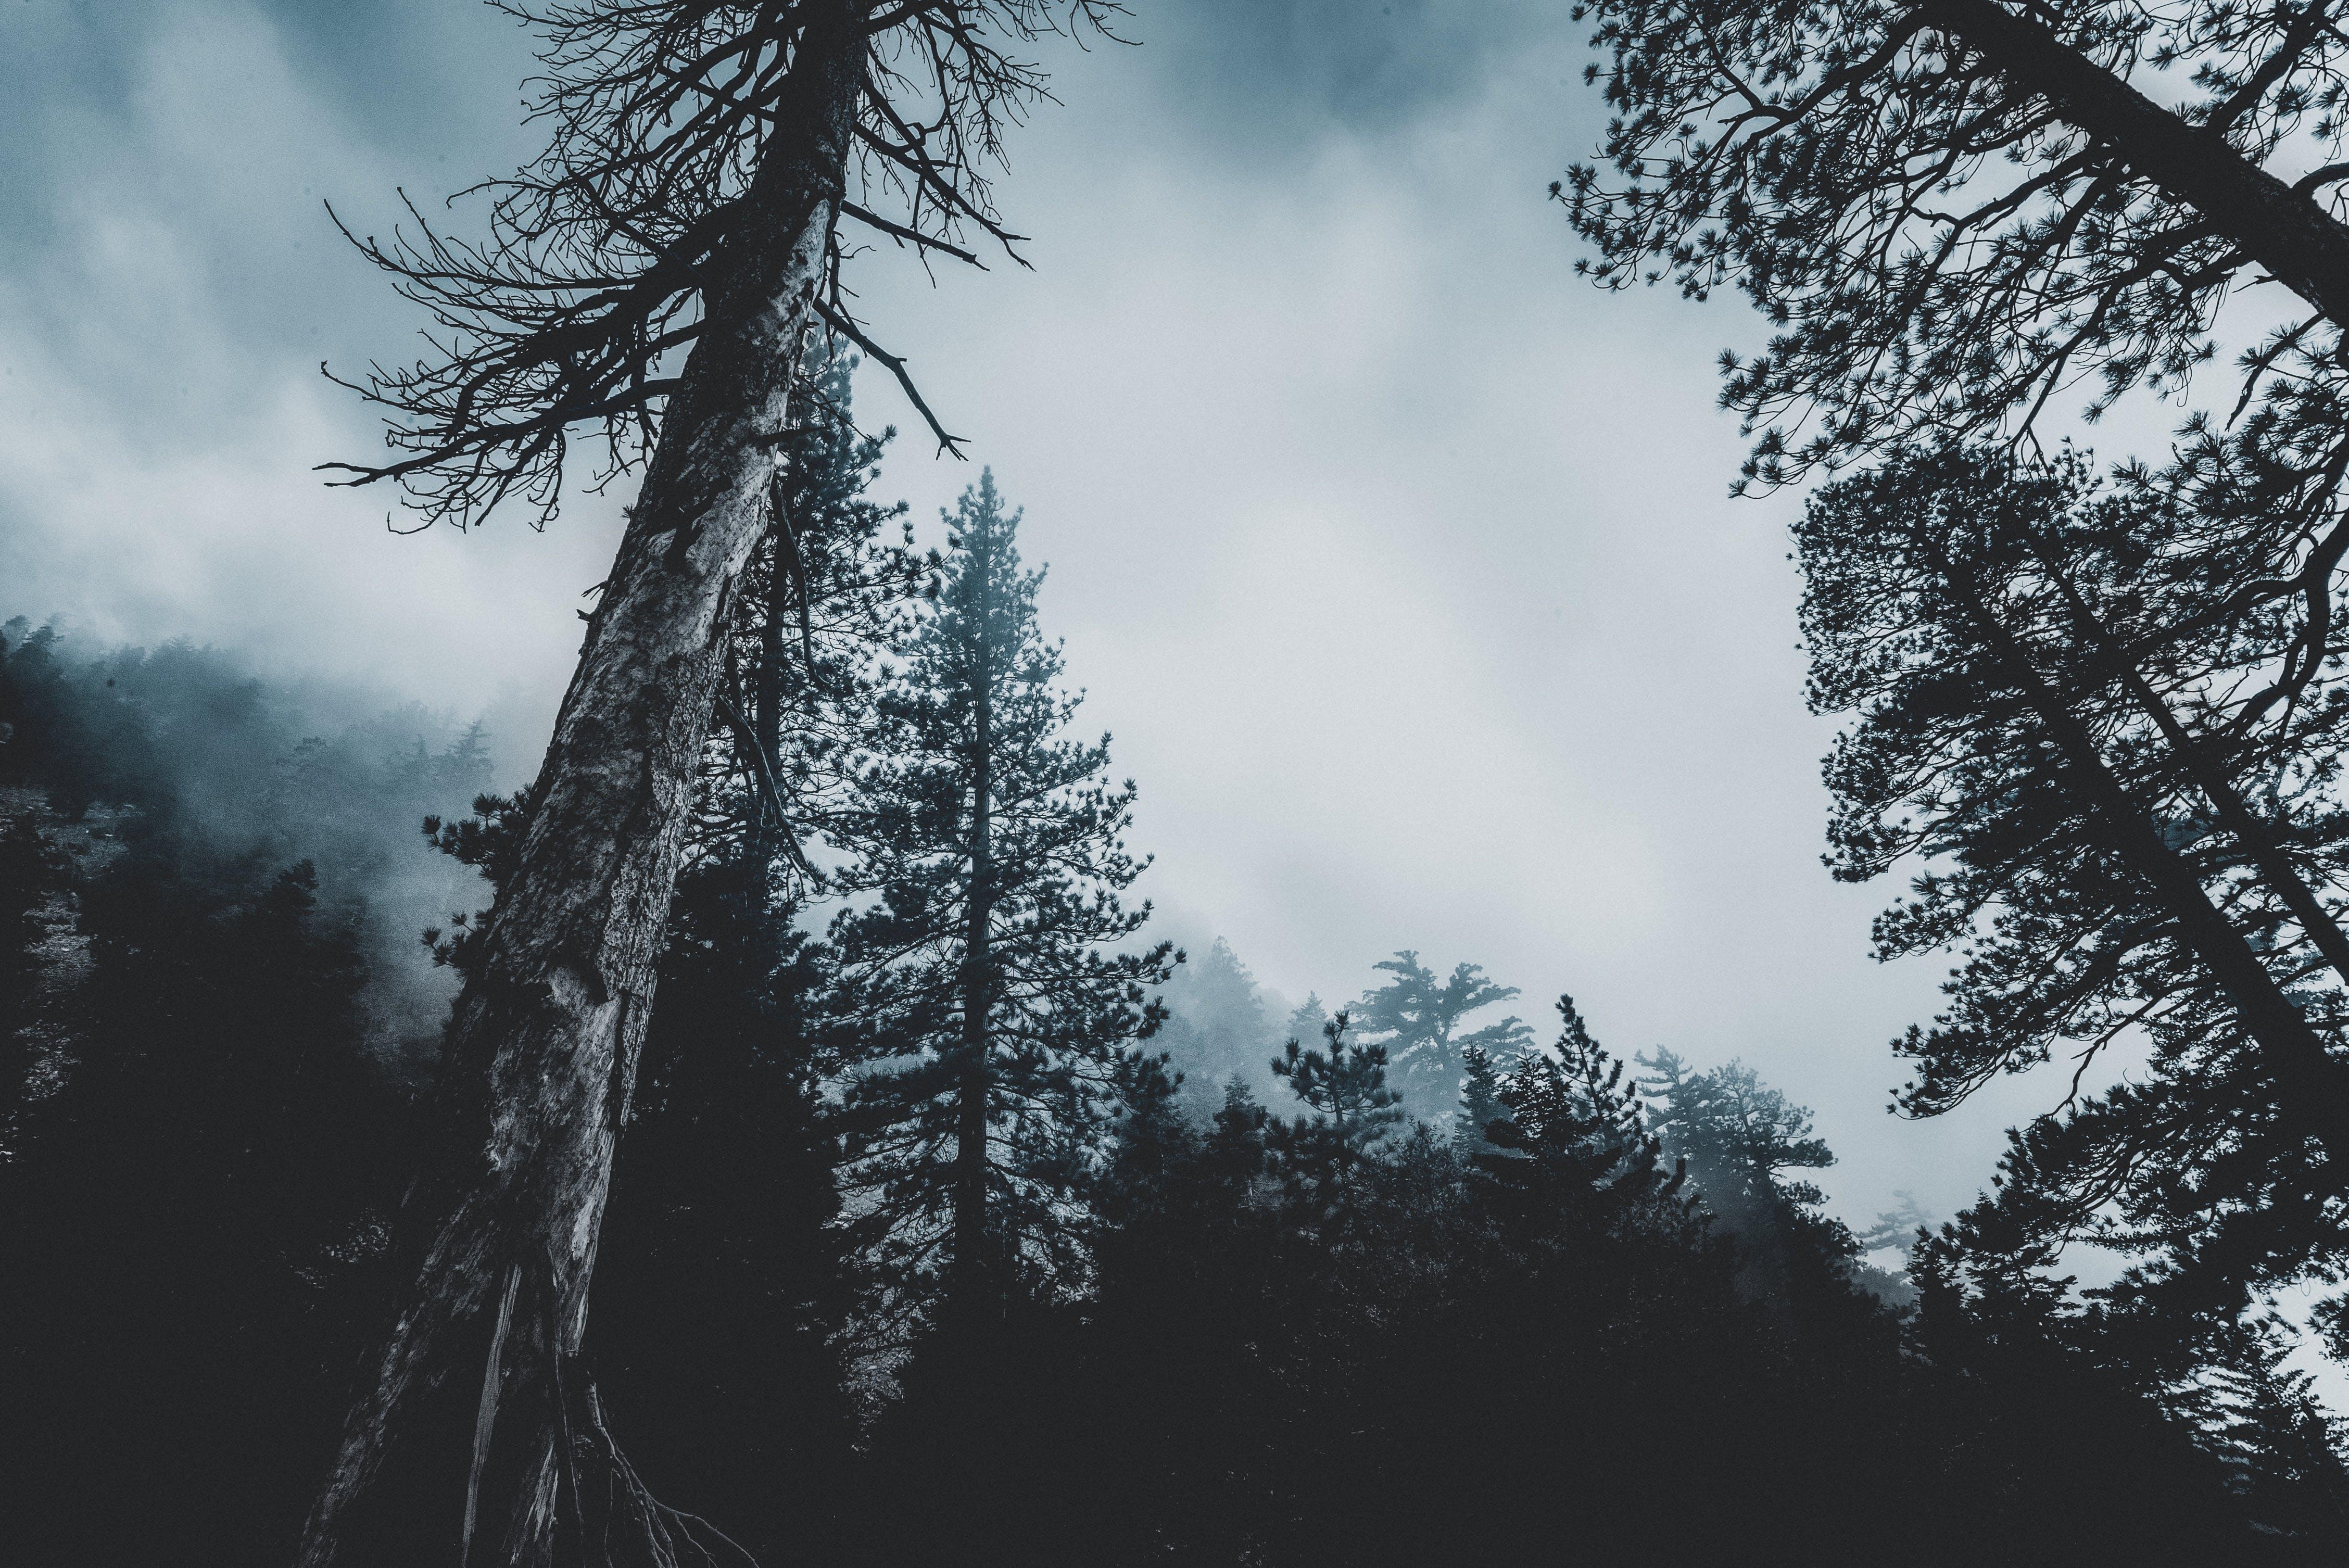 conifer, evergreen, fir trees